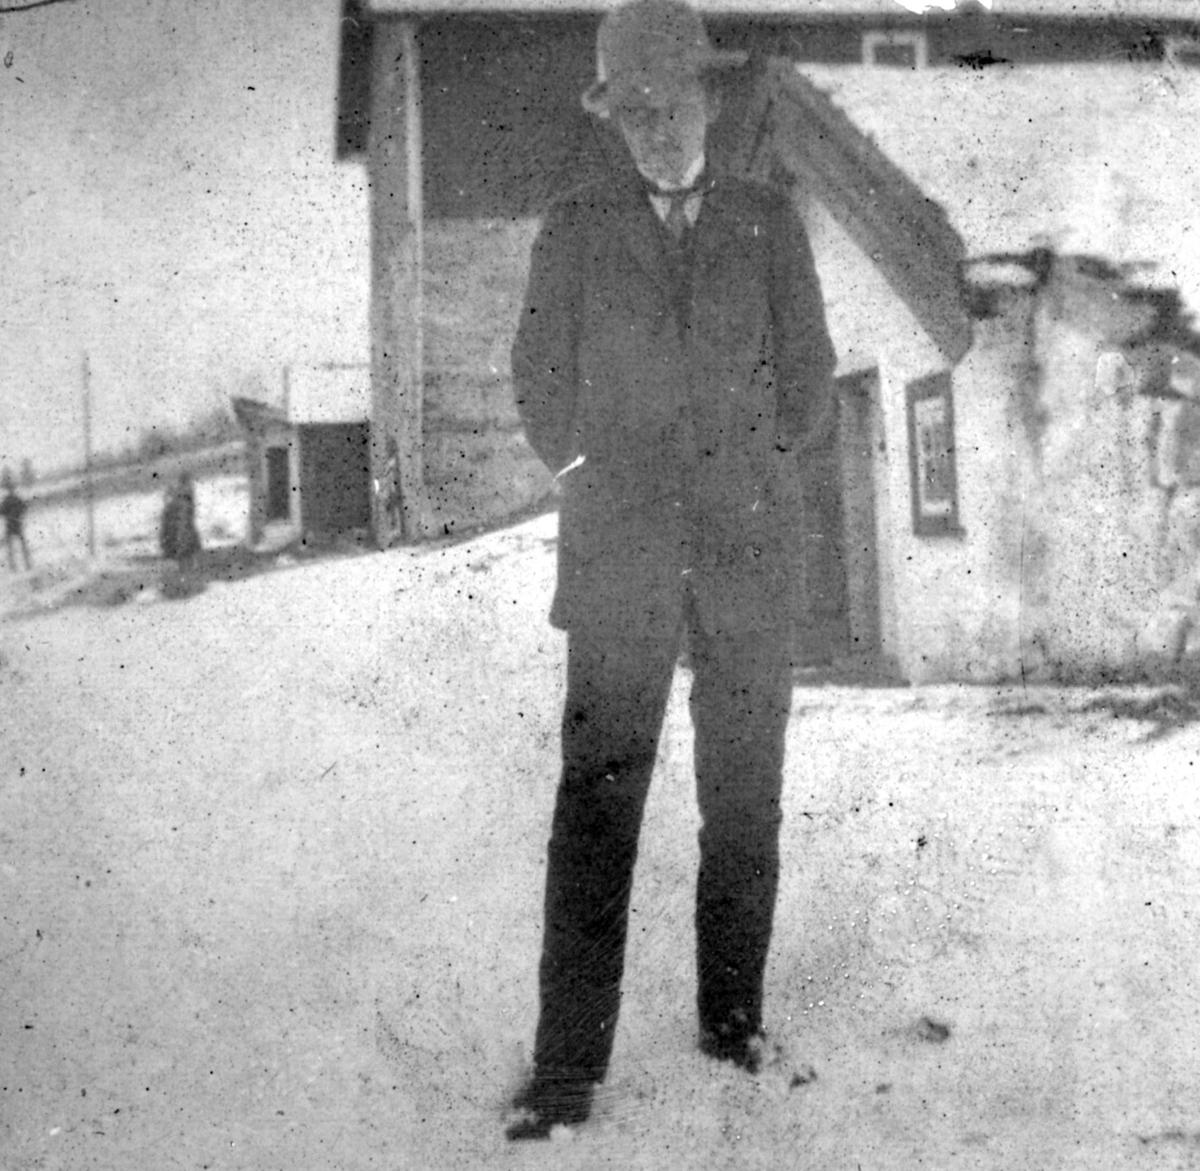 Johannes Büll-Hanssen står ute kledd i jakke, bukse og slips. På hodet har han en hatt. Bak han ligger det hus.